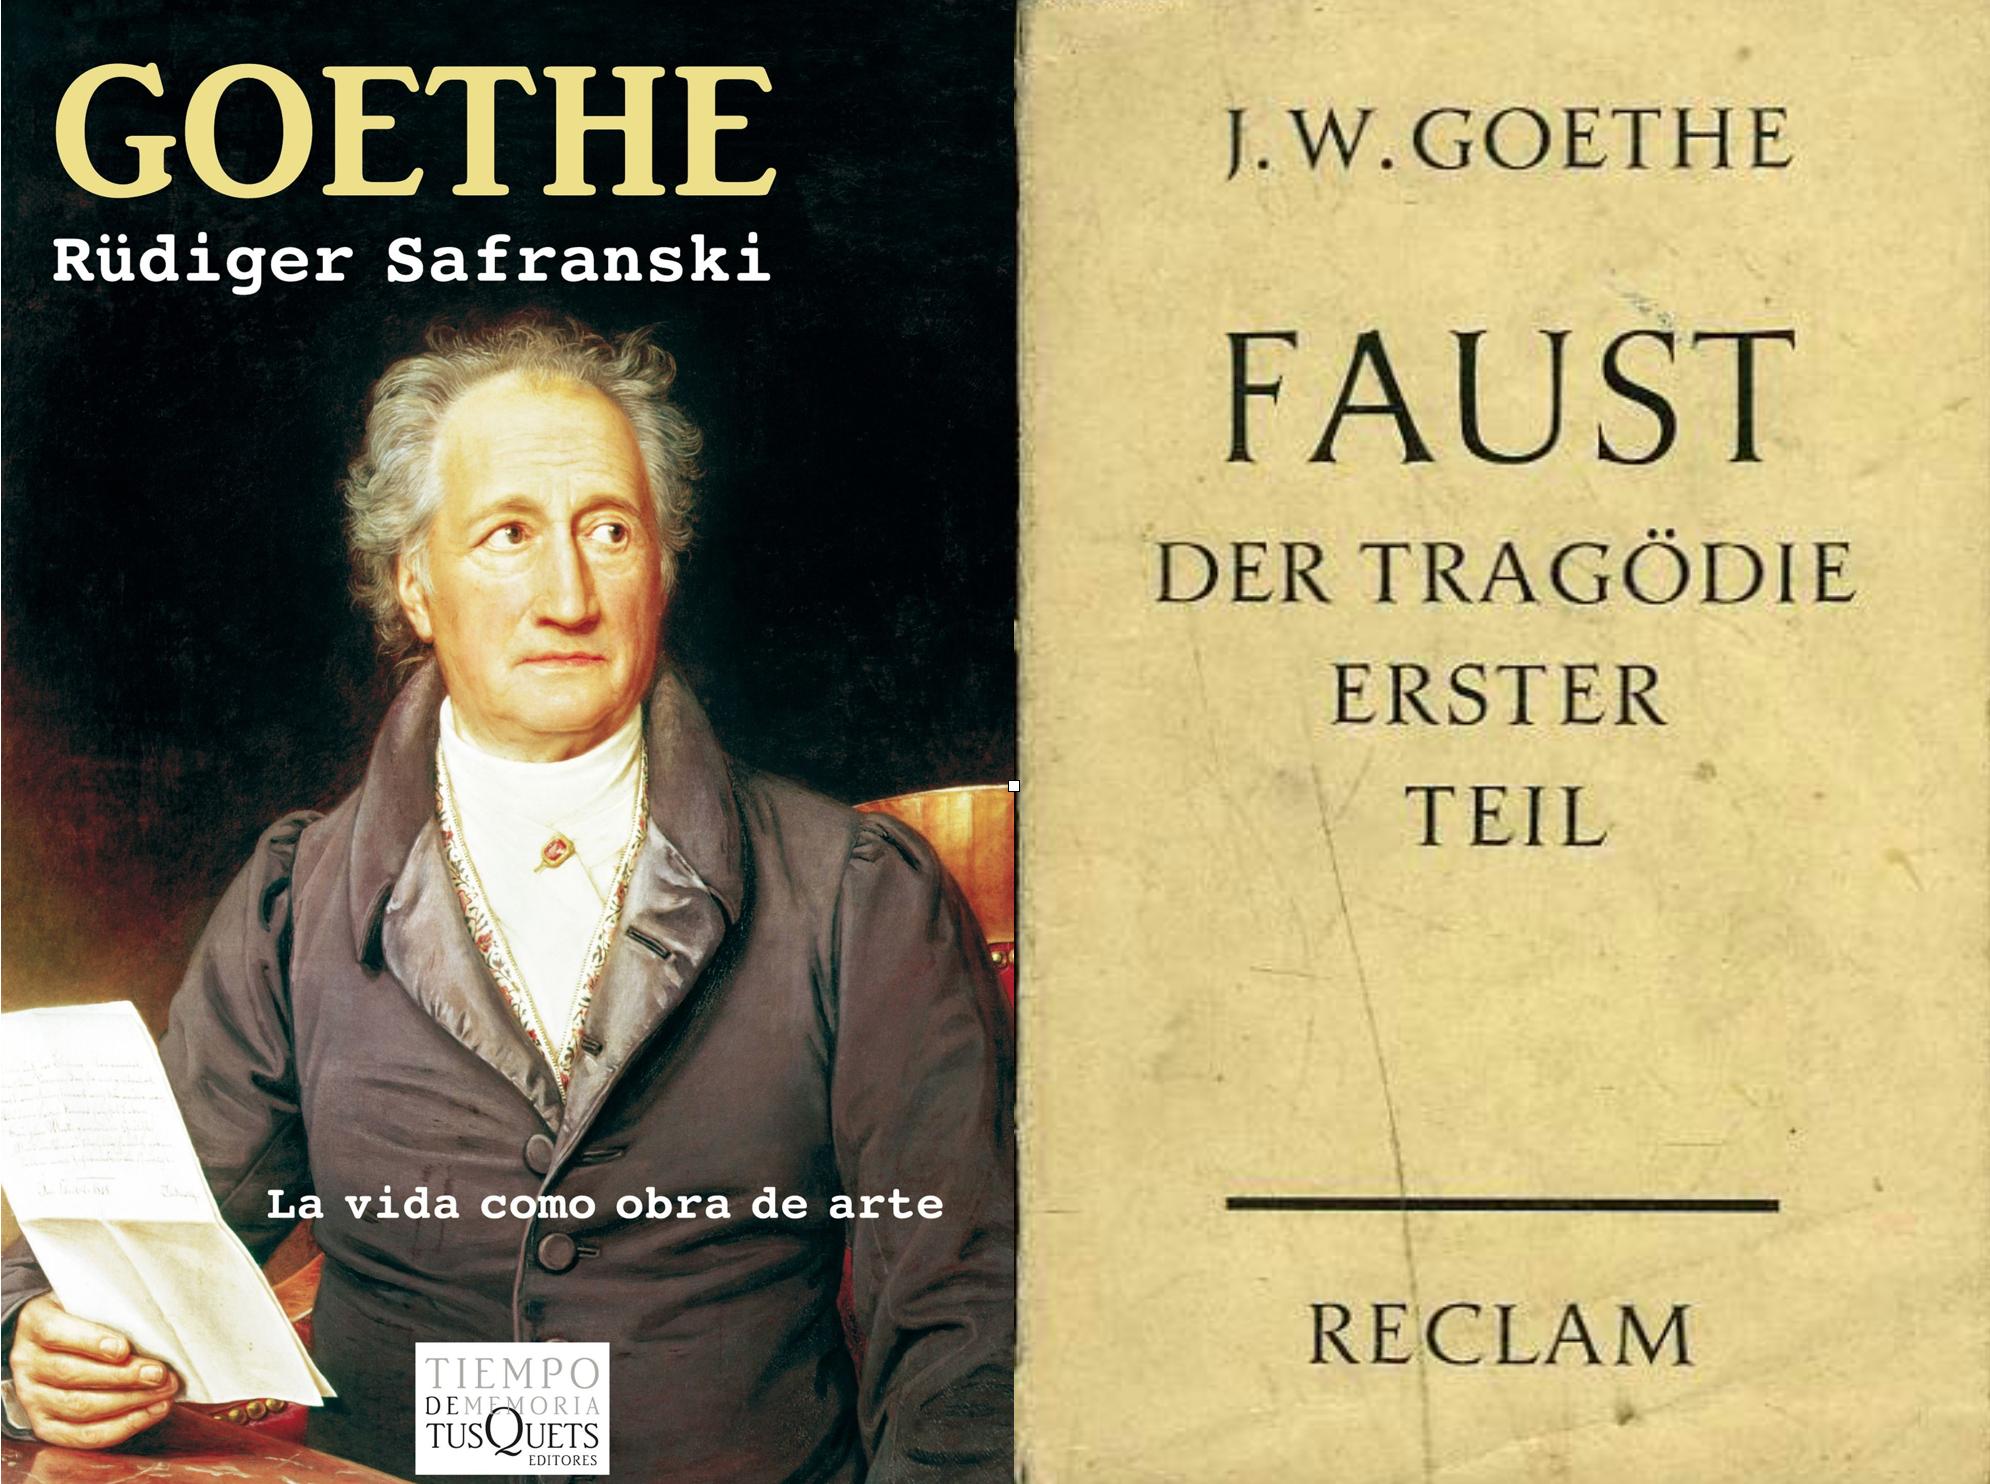 El multifascético Johann Wolfgang von Goethe es una figura gravitante dentro de la cultura alemana. Rüdiger ha escrito una excelente biografía del escritor (así como de Schiller, Schopenhauer, Nietsche y Heiddegger). Safranski llegó a decir en una entrevista que, en nuestros días, sólo un futbolista podría alcanzar la fama y celebridad que tuvo Goethe en su época